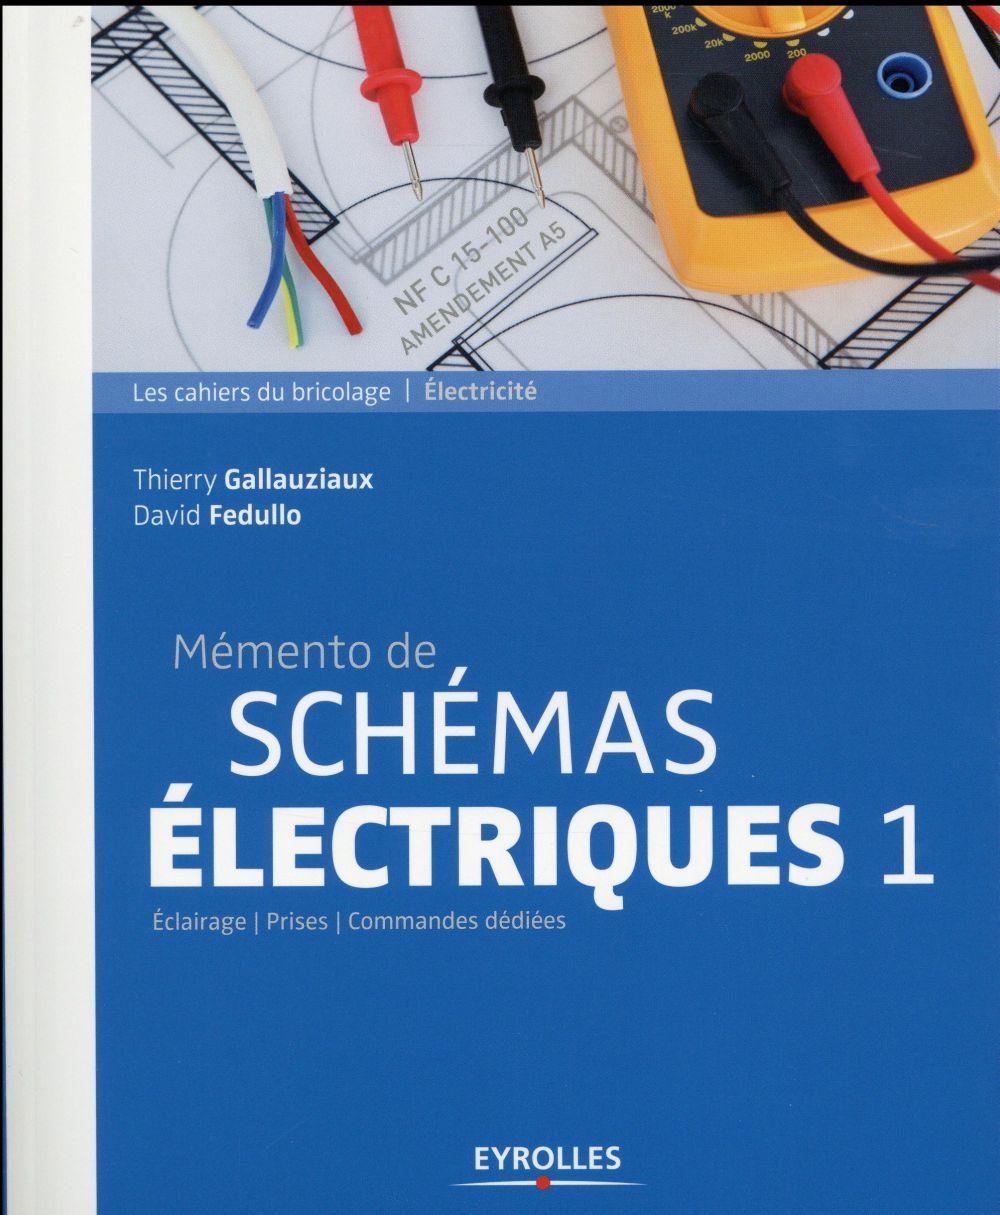 MEMENTO DE SCHEMAS ELECTRIQUES 1  ECLAIRAGE  PRISES COMMANDES DEDIEES - ECLAIRAGE - PRISES - COMMAND GALLAUZIAUX / FEDULLO Eyrolles